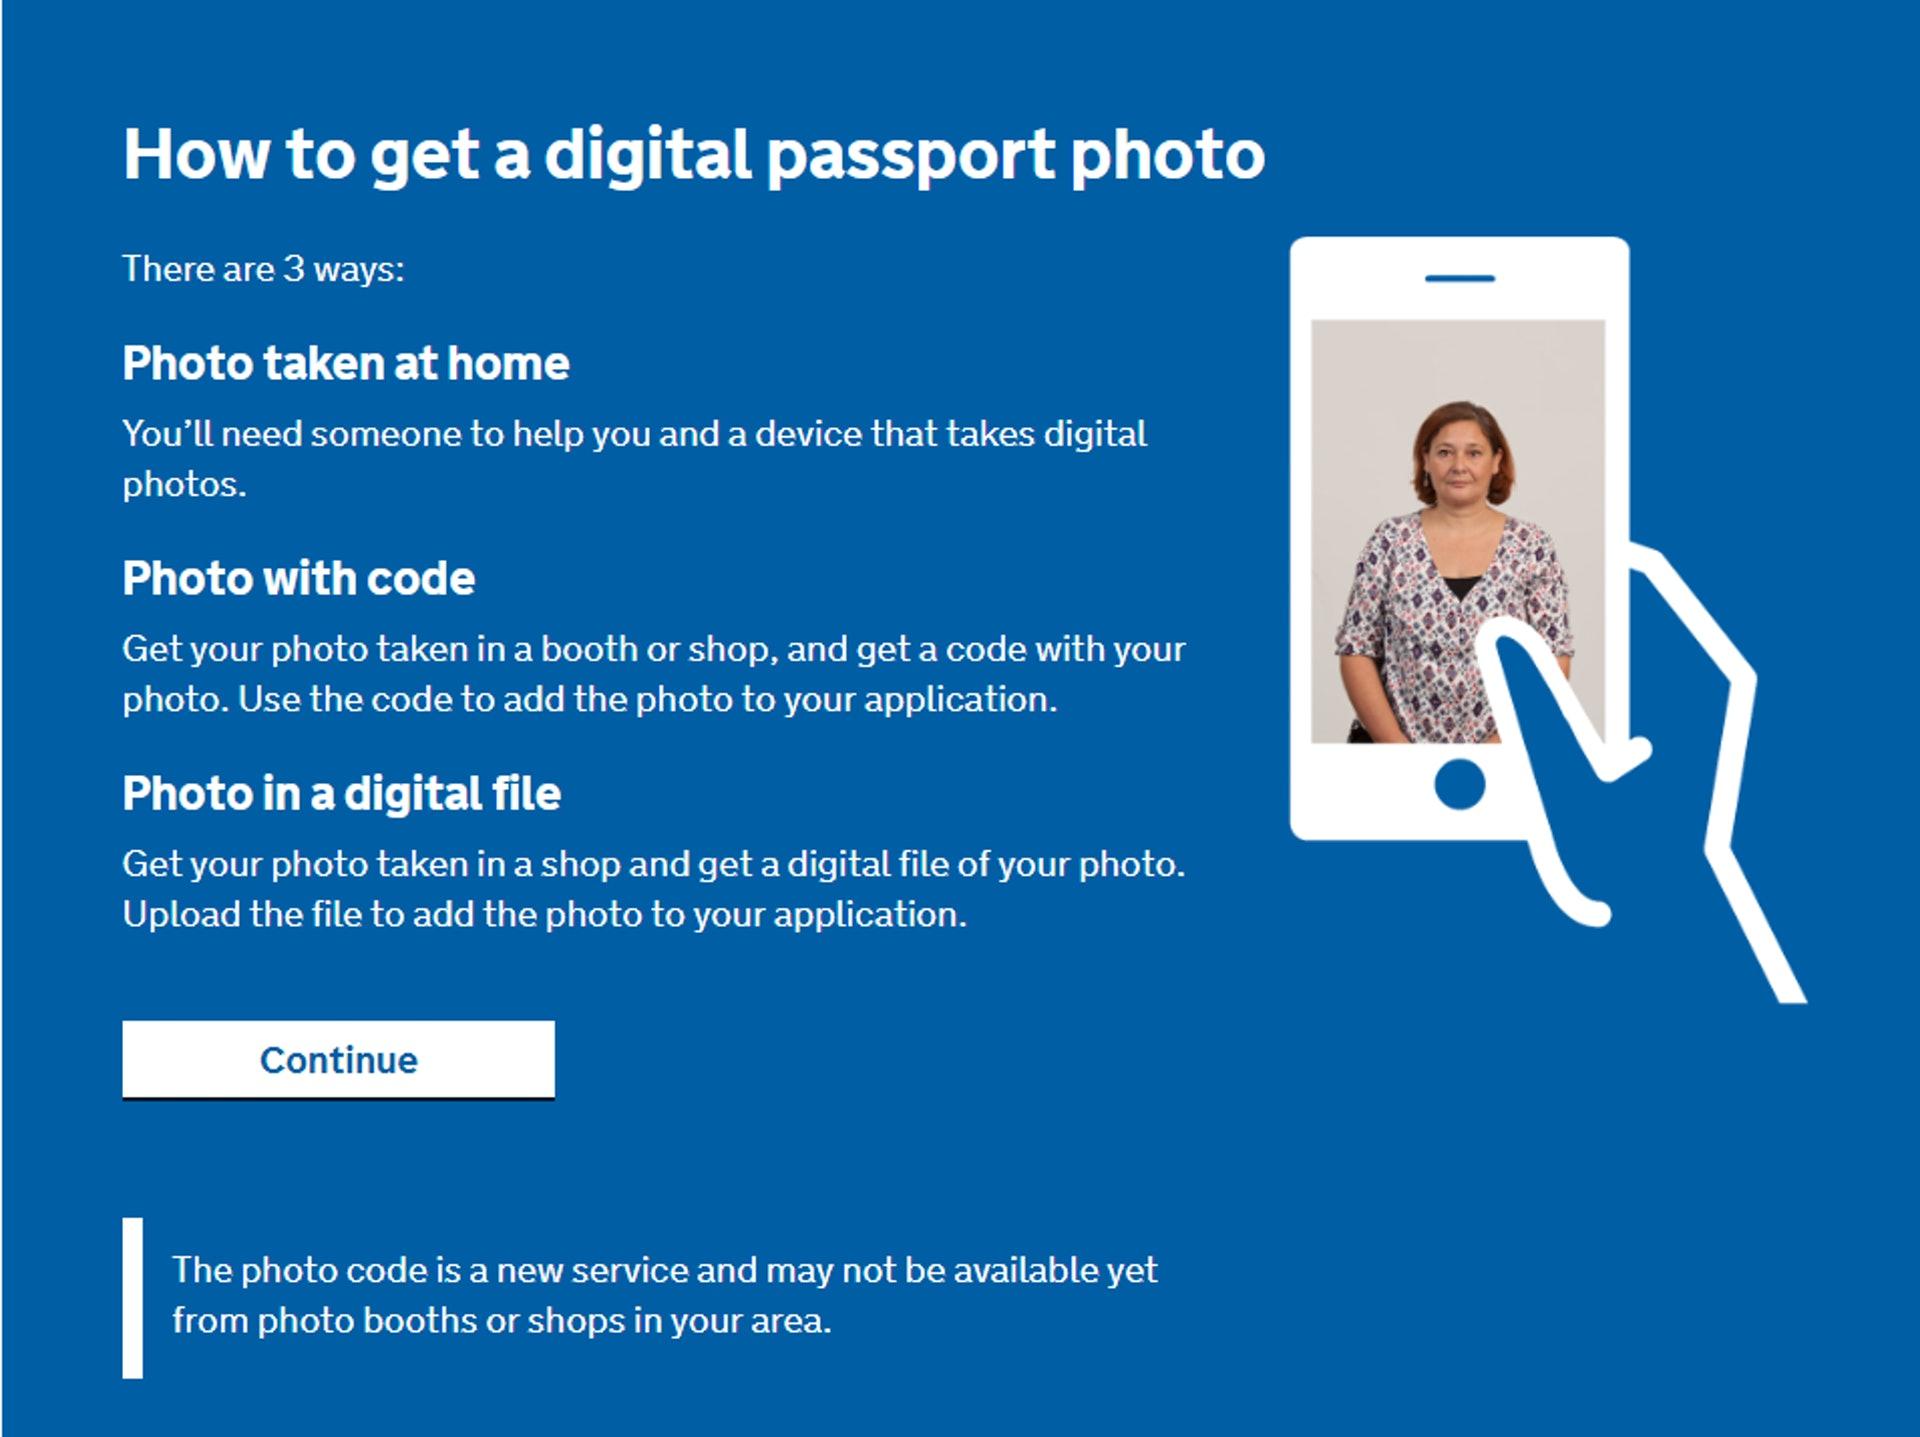 現在不用寄相到英國,只要在新系統上載自拍照即可,極之方便。(GOV.UK 網站截圖)